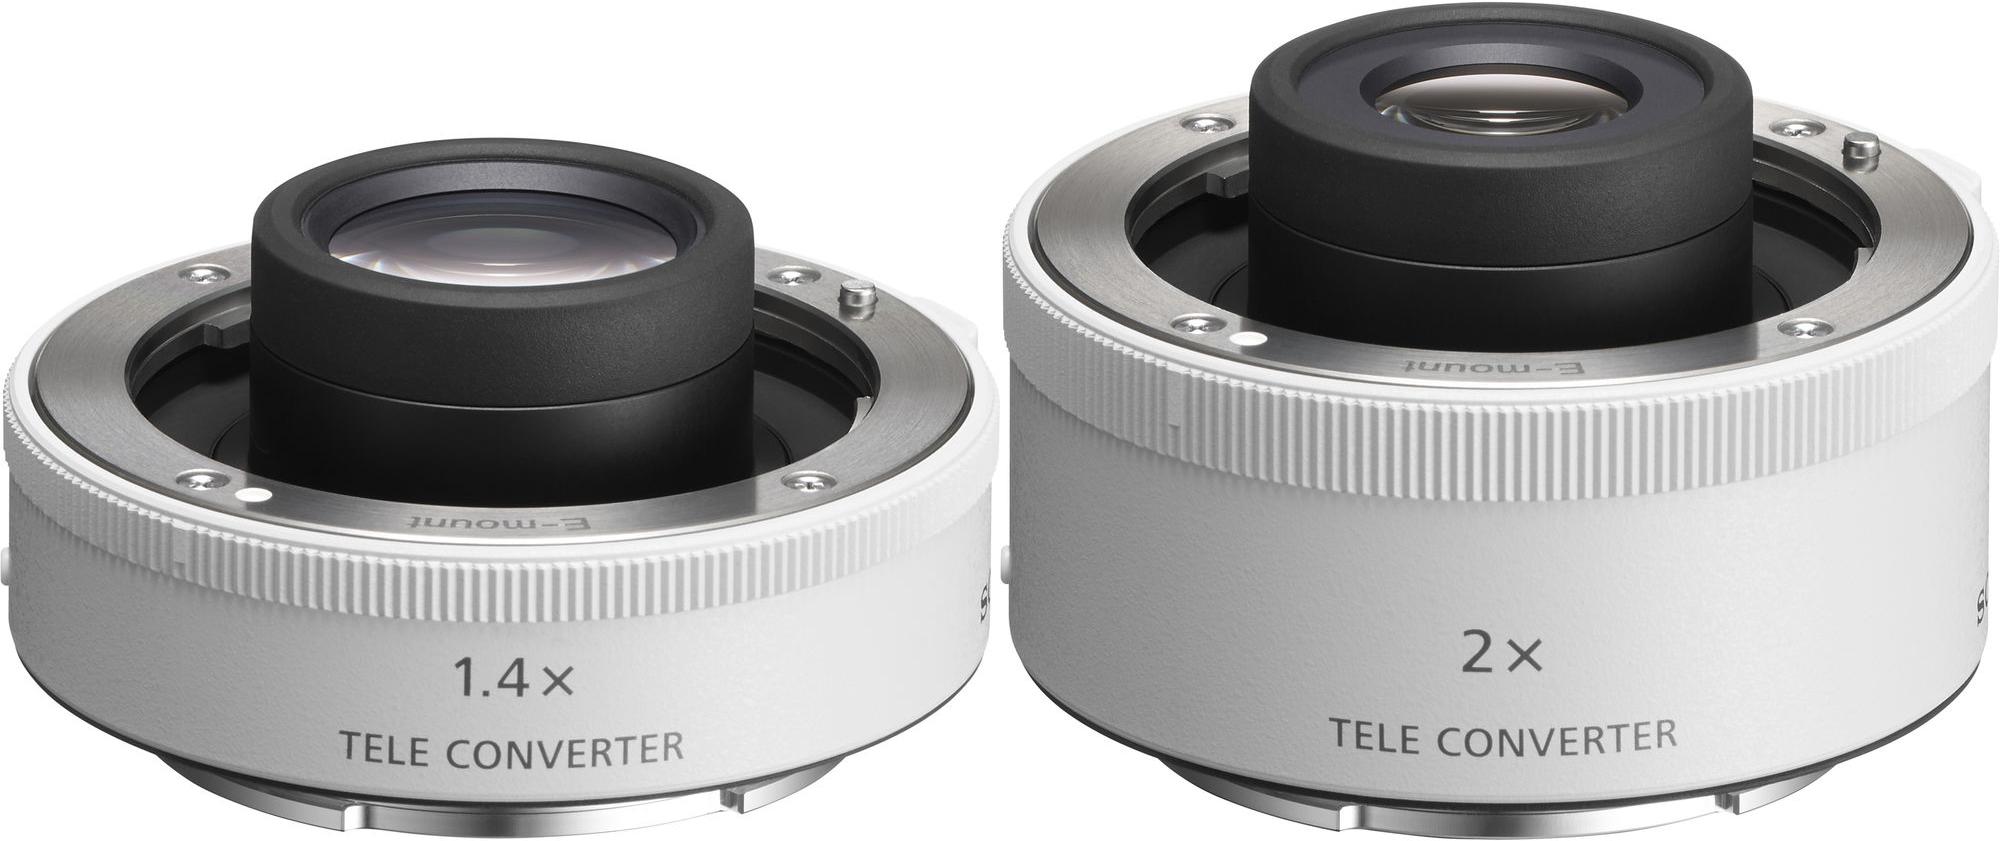 Sony FE 1.4x and Sony FE 2.0x Teleconverters